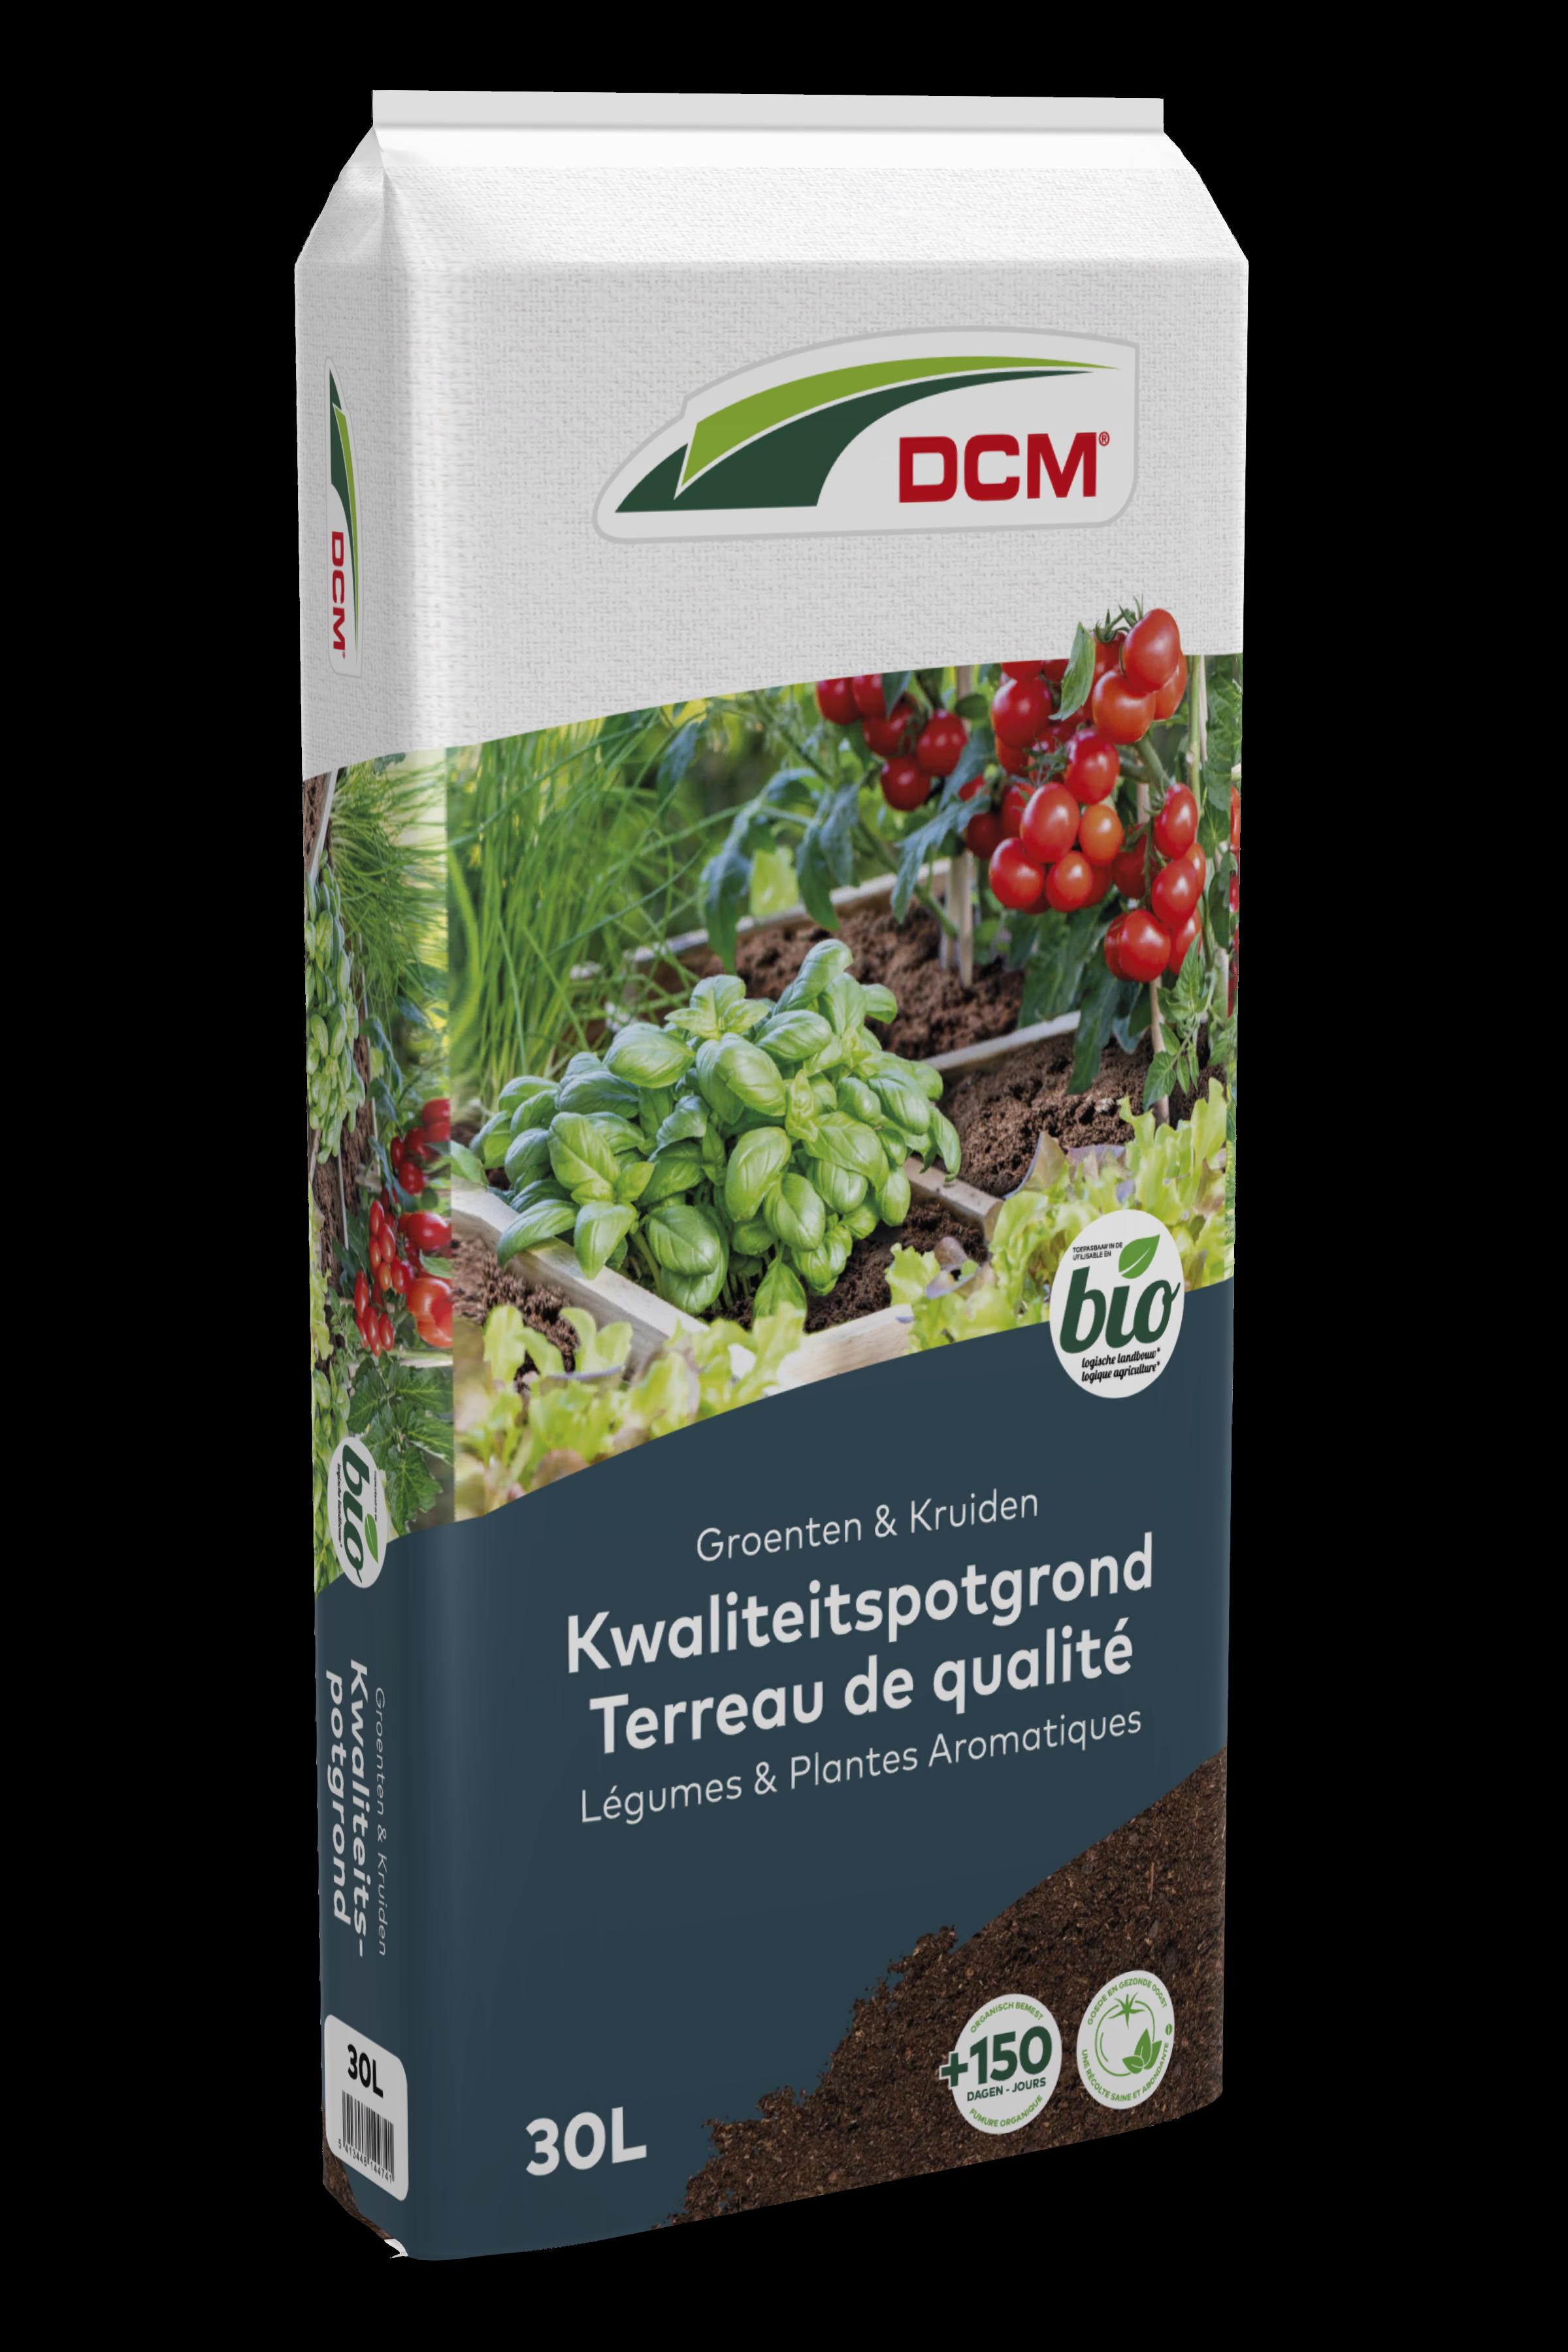 Kwaliteitspotgrond voor Groenten & Kruiden